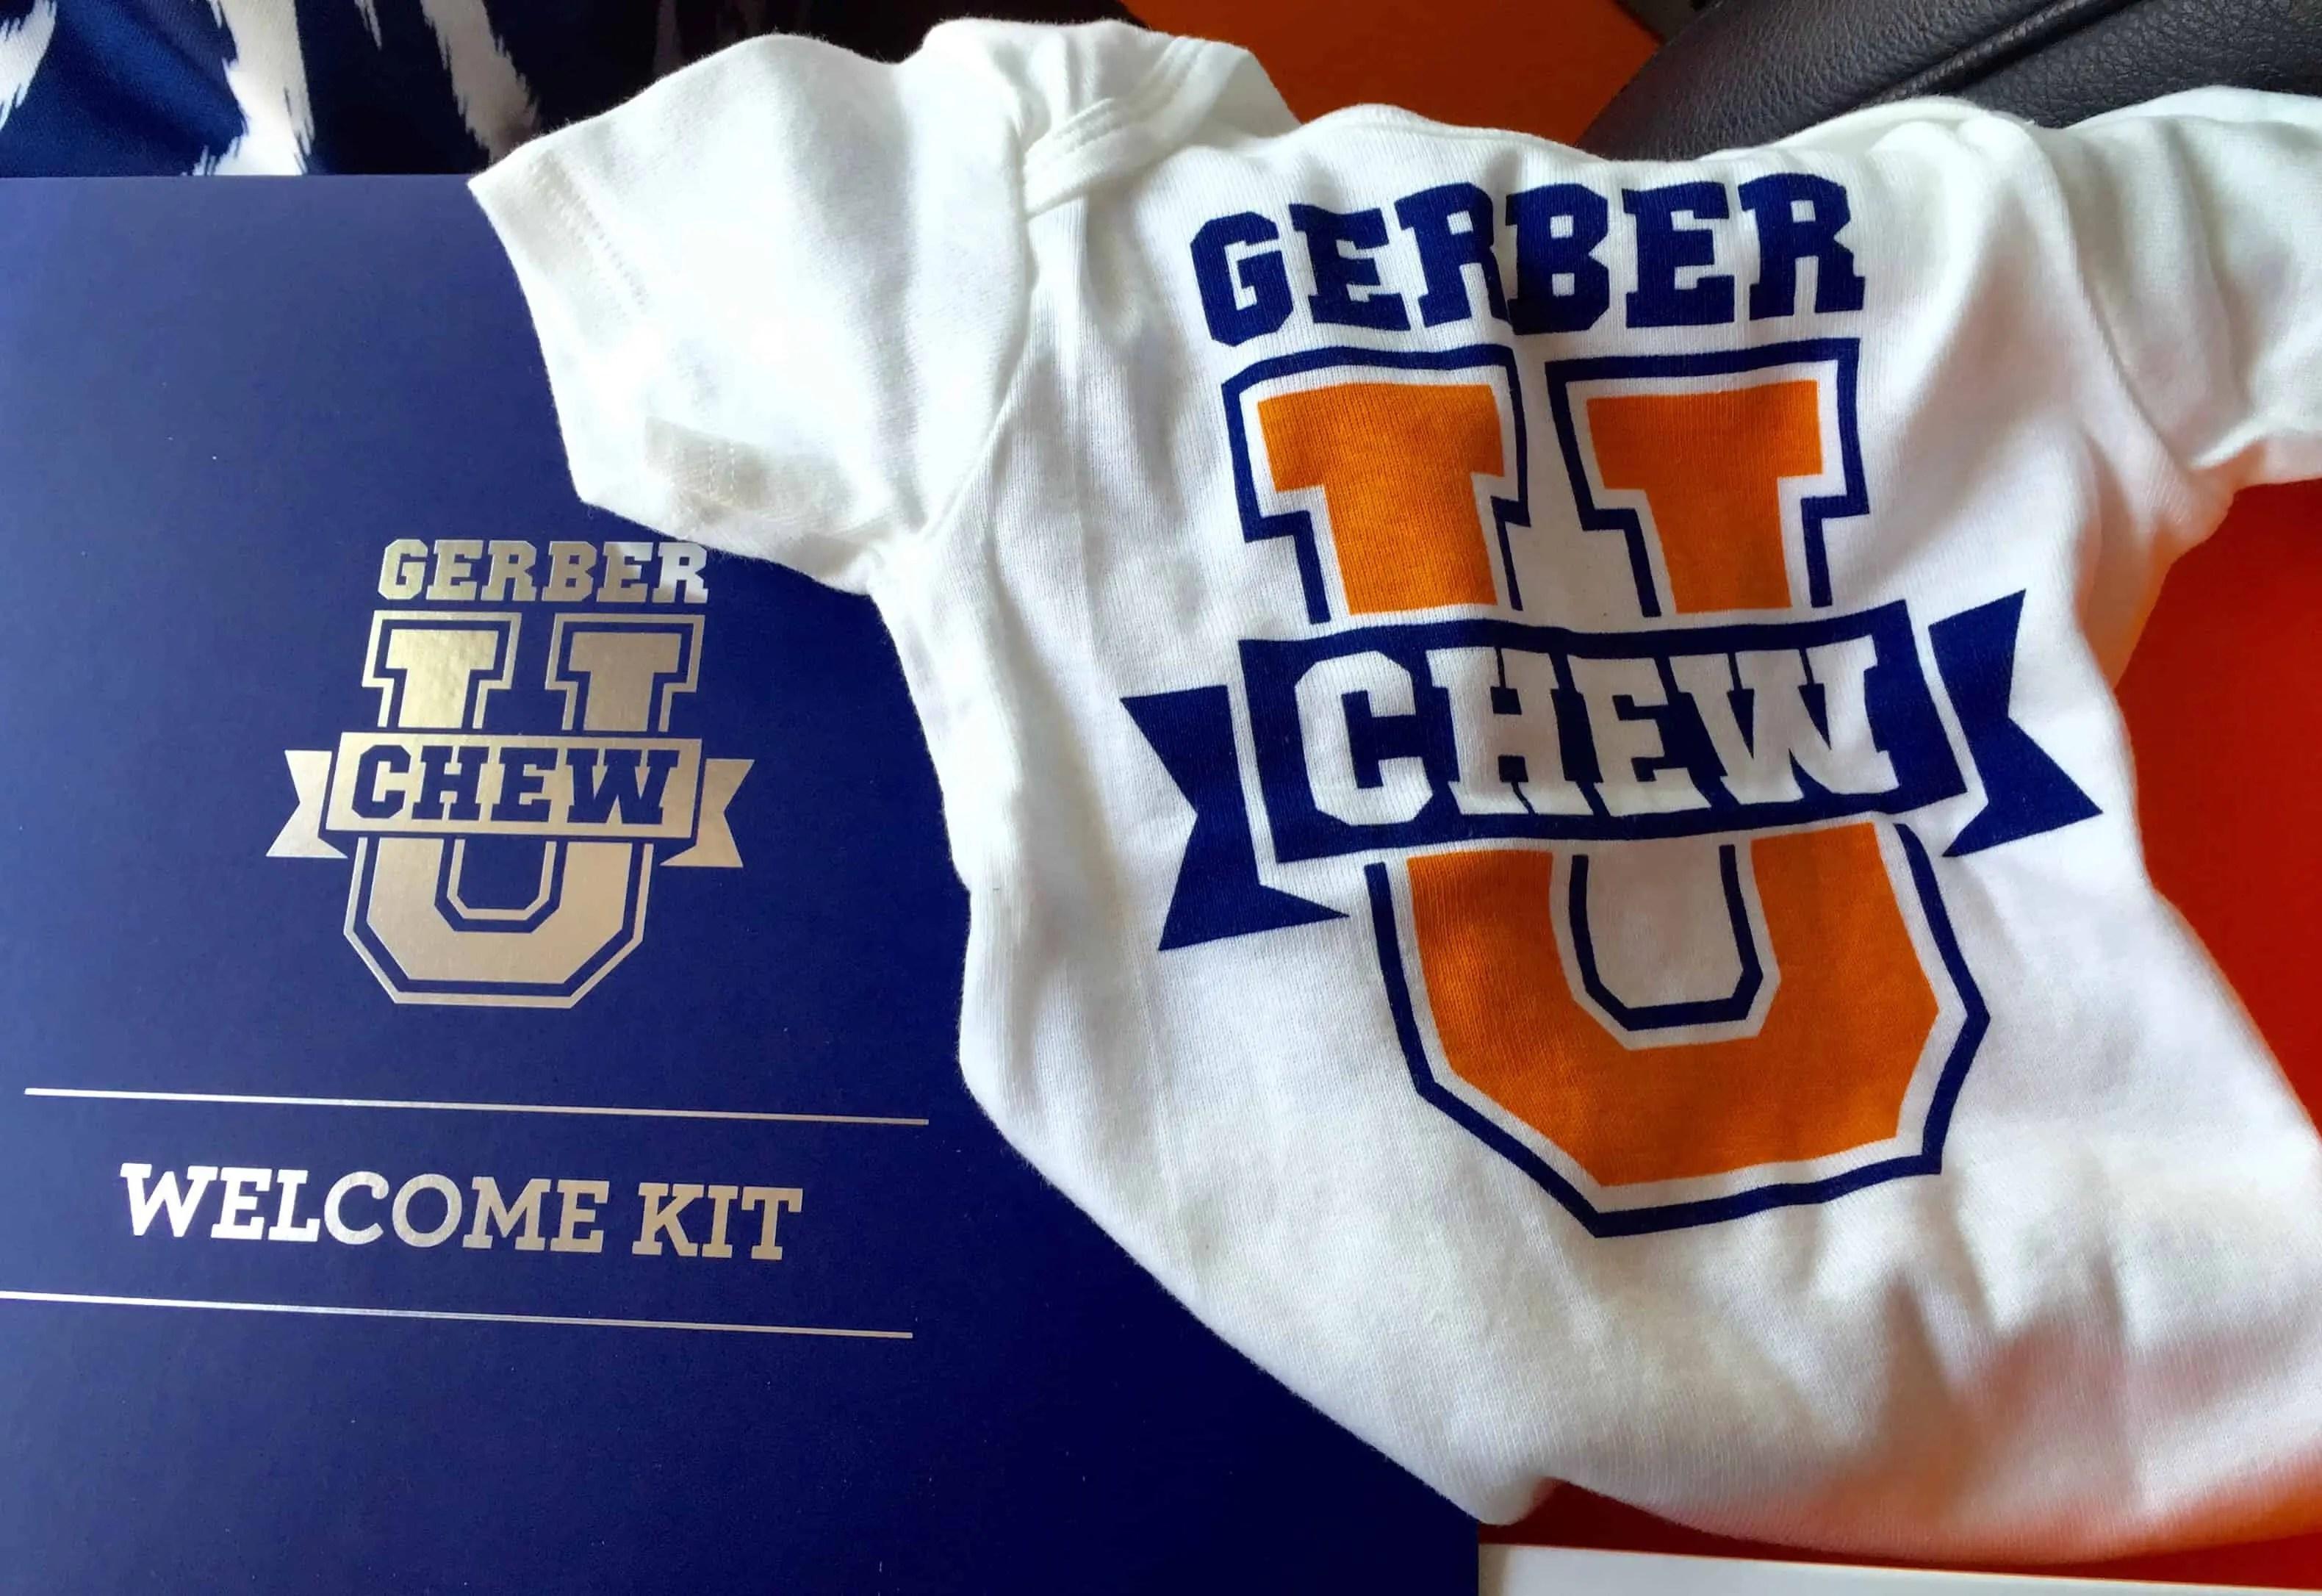 gerber_chew_university